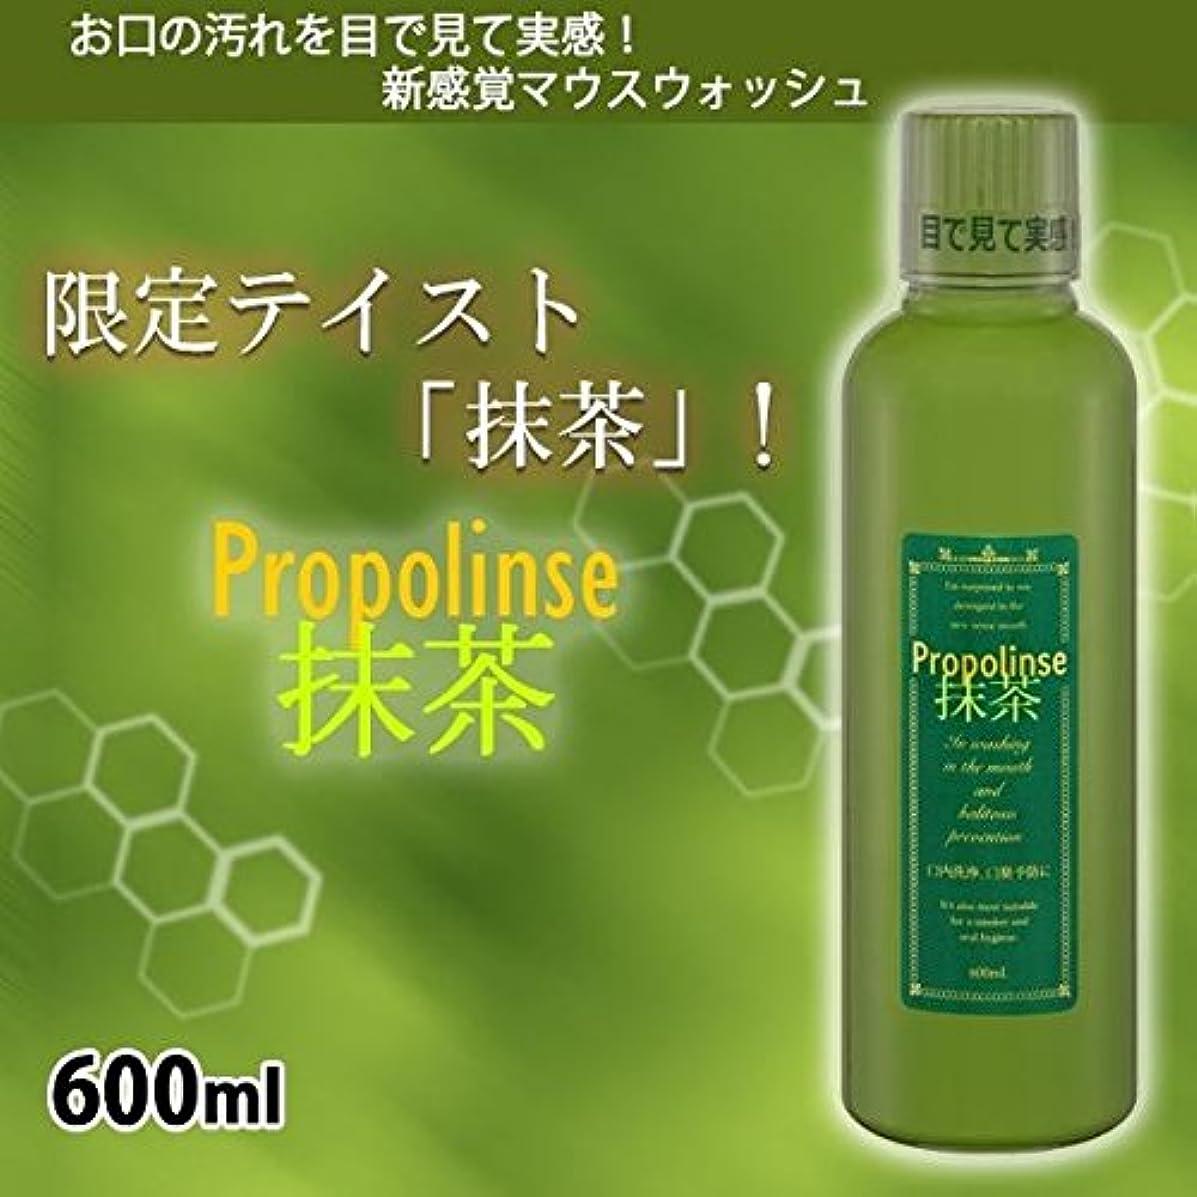 ネーピアうま理想的プロポリンス 抹茶 (マウスウォッシュ) 600ml